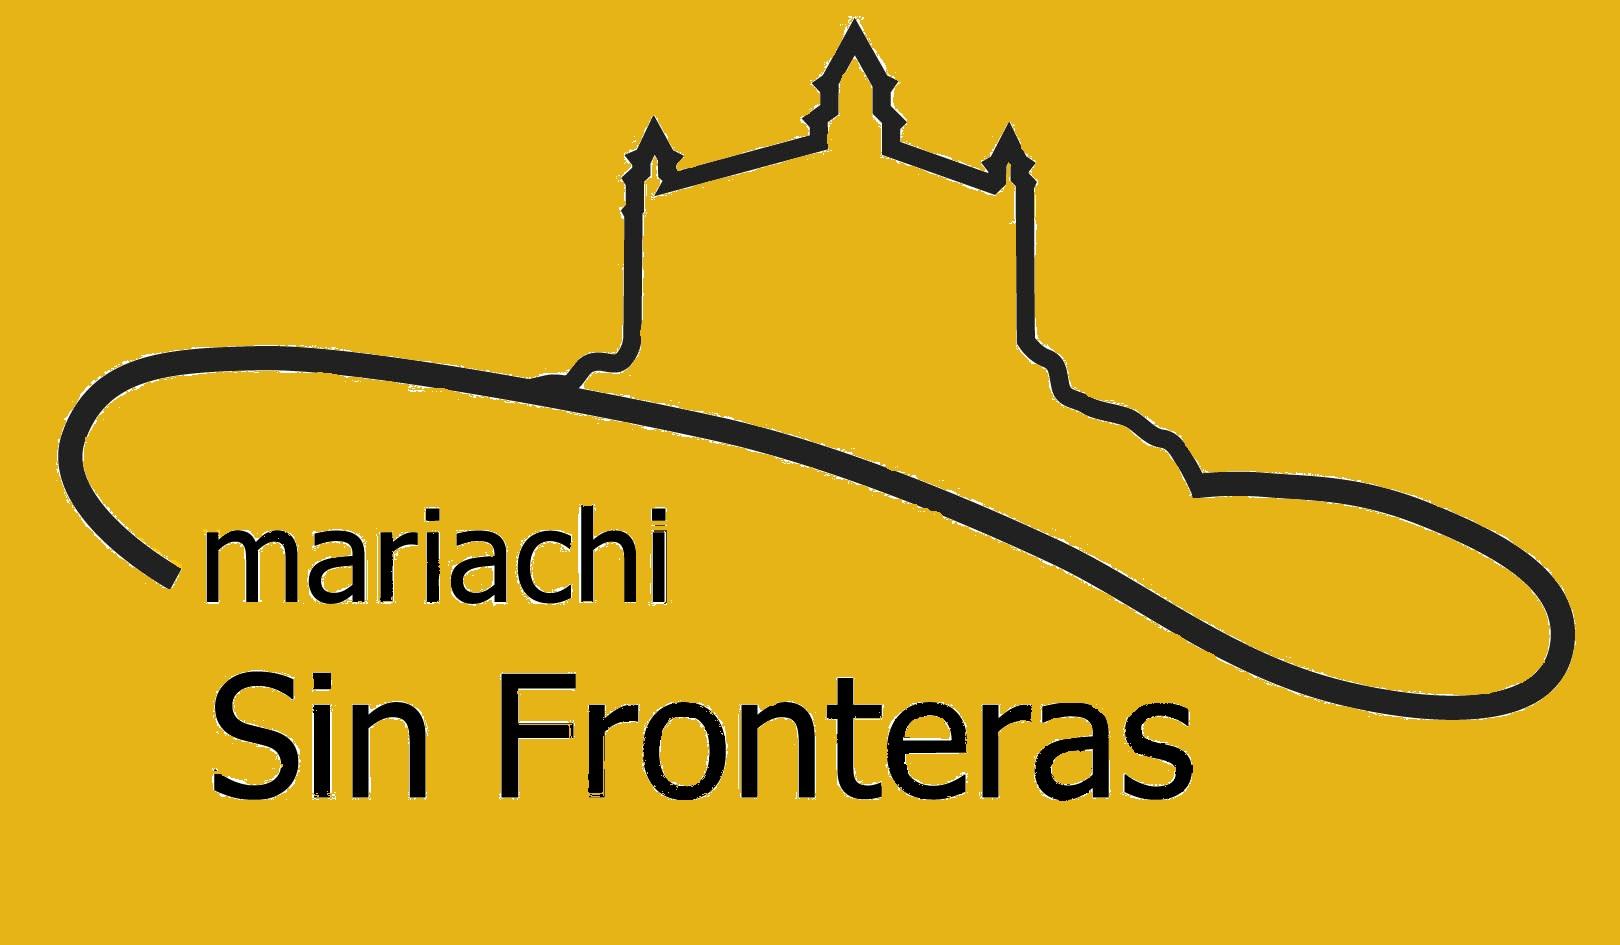 MARIACHI SIN FRONTERAS - živá hudba je najlepšia